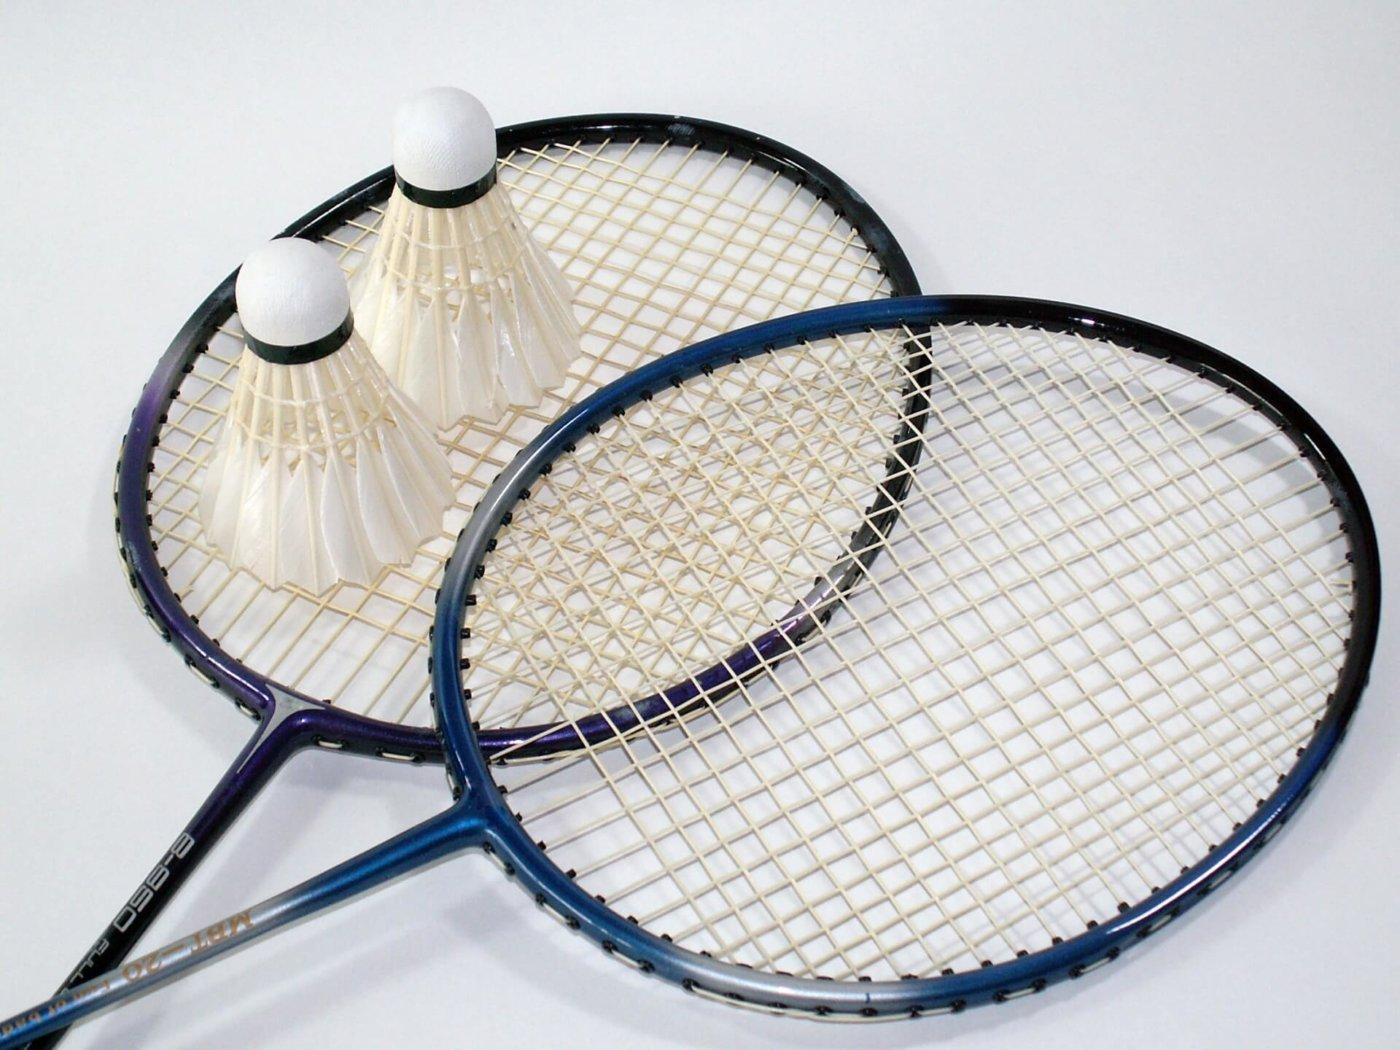 テニスと似てる?バドミントンの基本ルールを覚えよう!